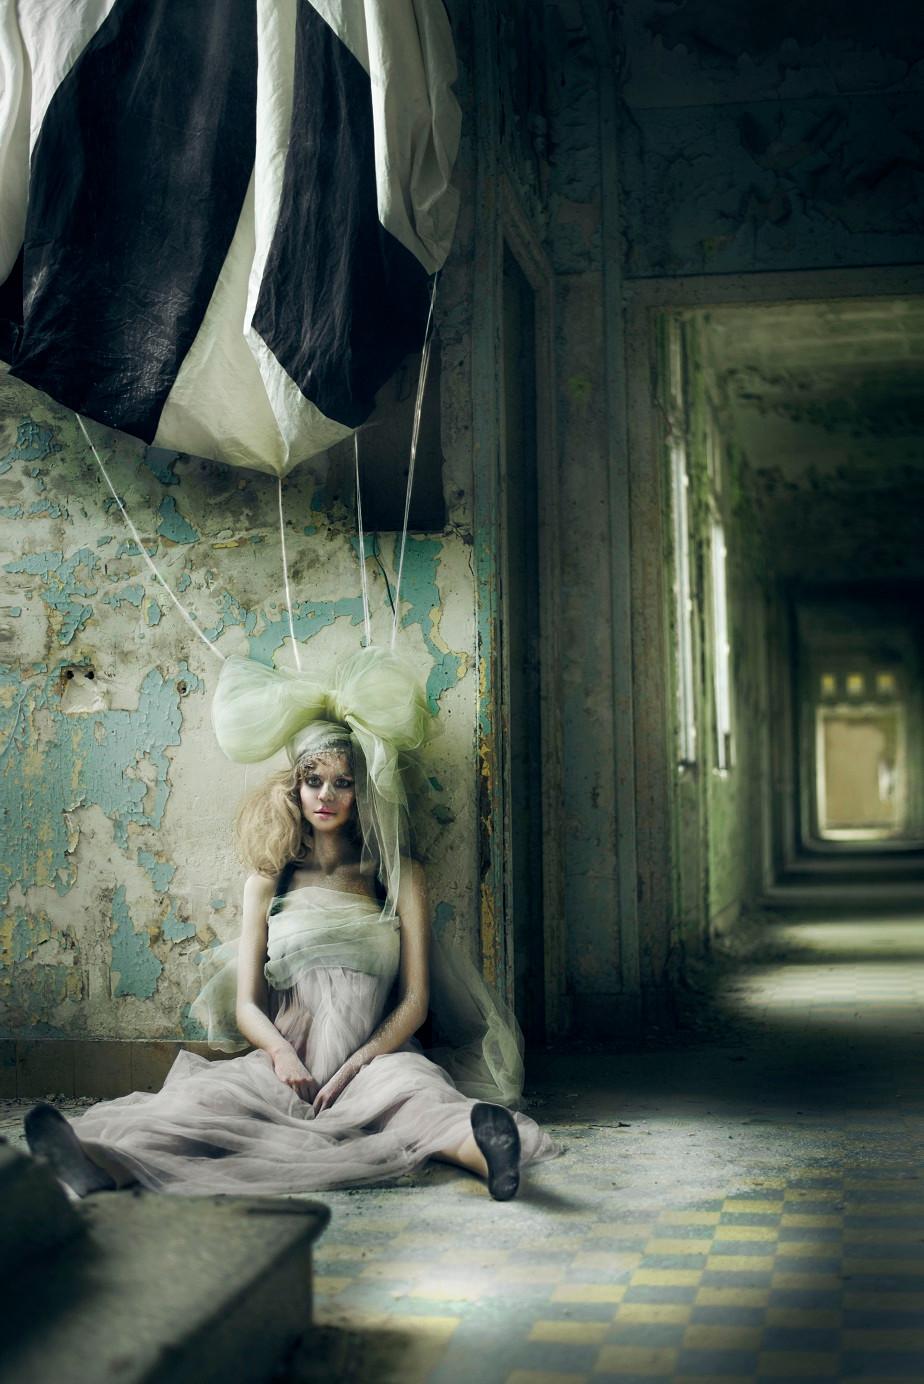 Portrait of a girl dressed like a doll by Wix Photographer Juliette Jourdain